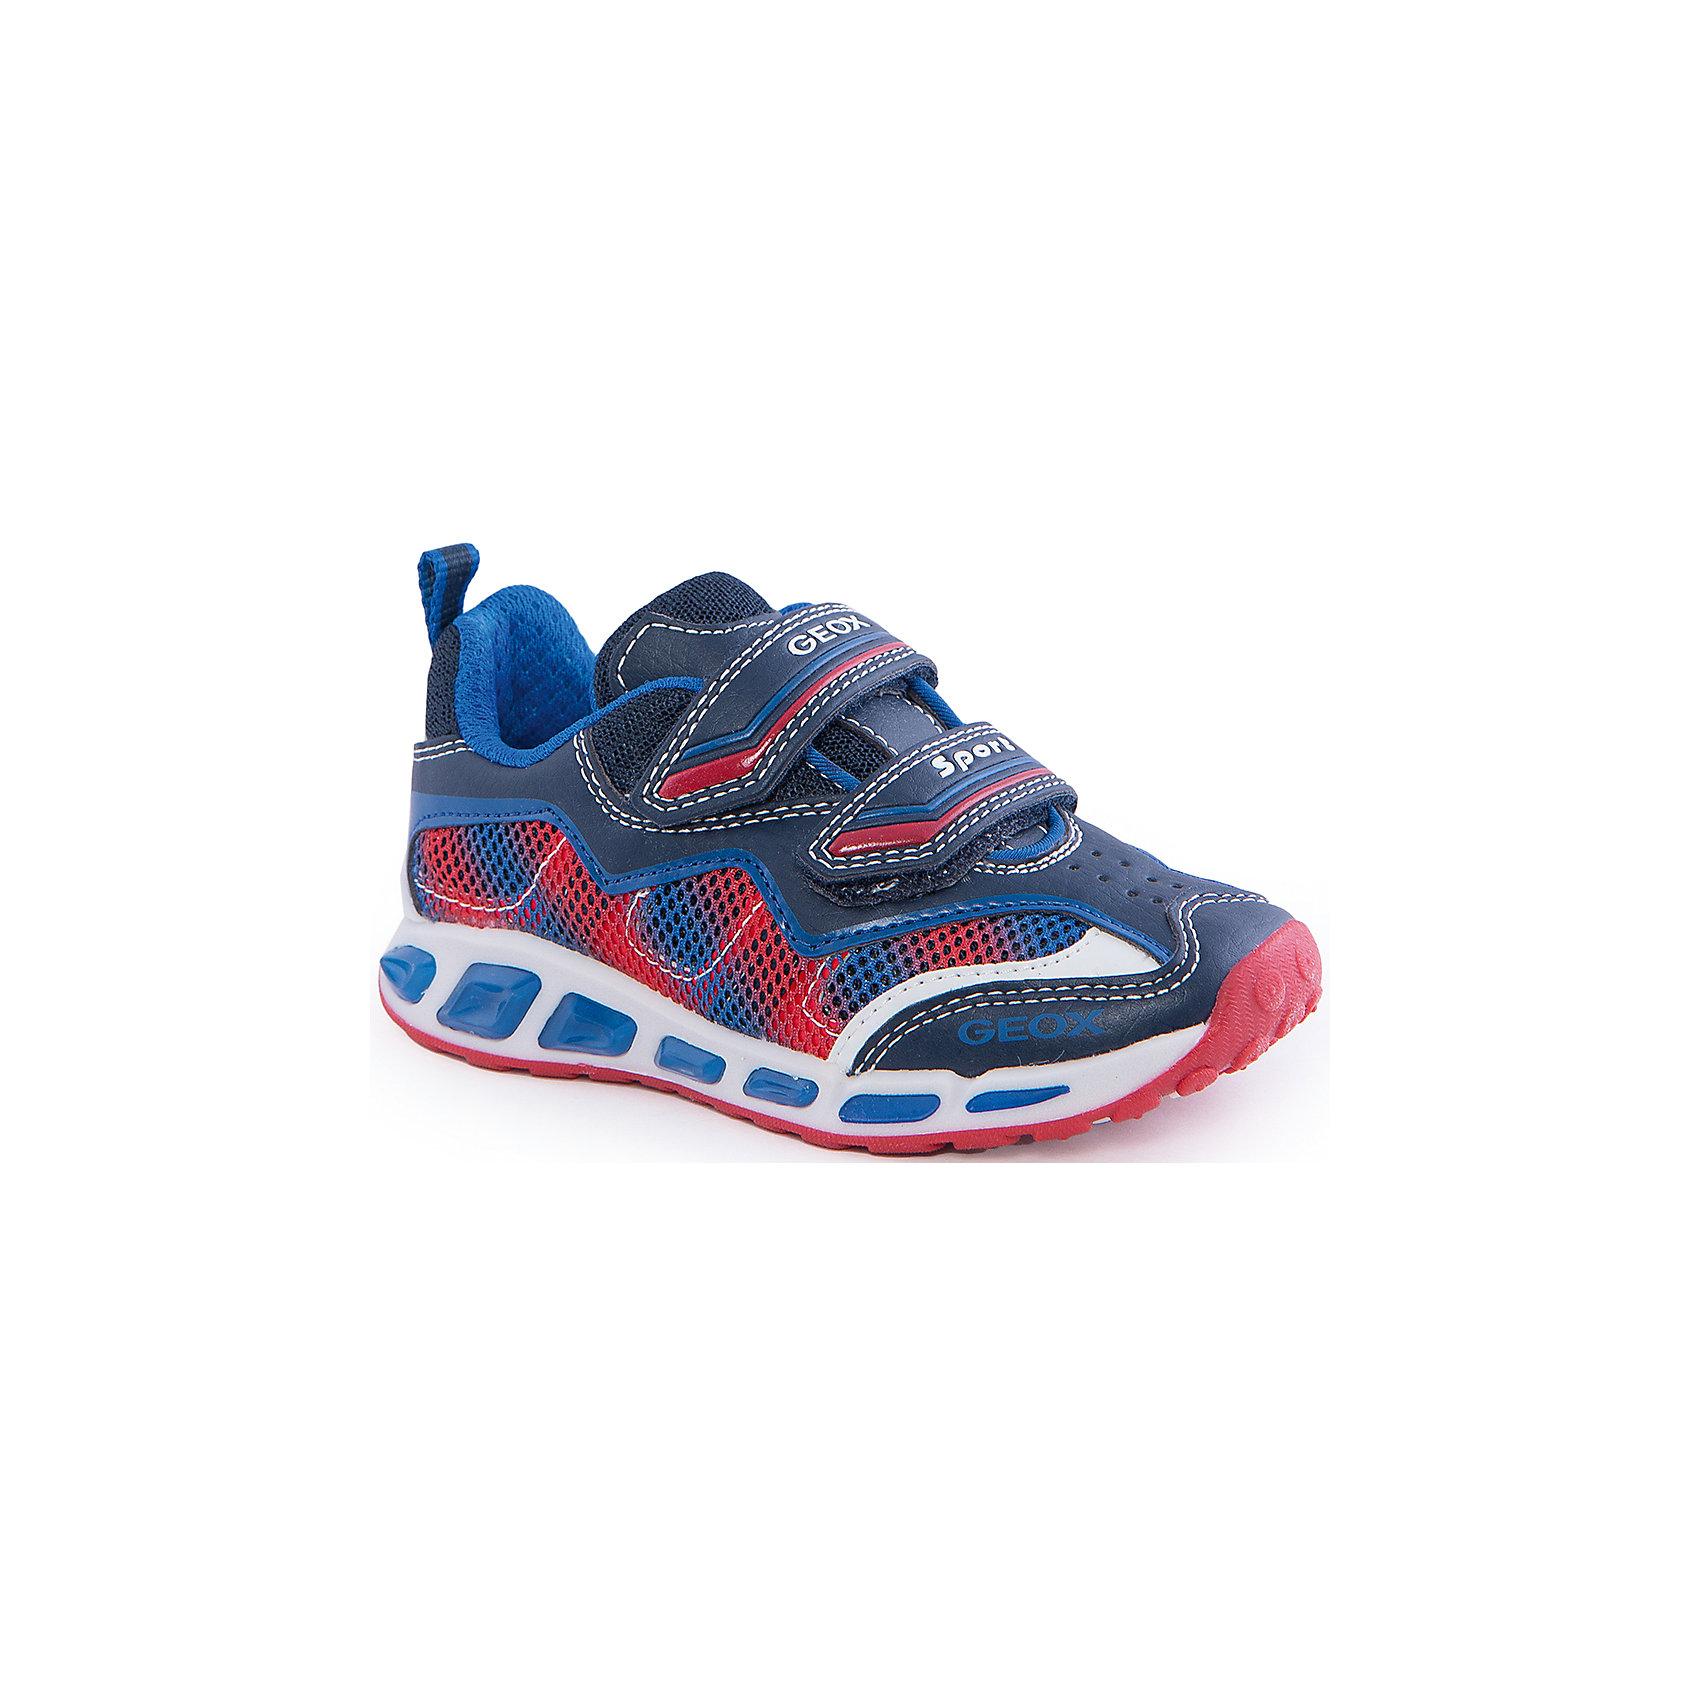 Кроссовки со светодиодами для мальчика GEOXКроссовки для мальчика от популярной марки GEOX (Геокс).<br><br>Эти легкие кроссовки - отличная обувь для нового весеннего сезона. Модель очень стильно и оригинально смотрится.<br>Производитель обуви заботится не только о внешнем виде, но и стабильно высоком качестве продукции. GEOX (Геокс) разработал специальную дышащую подошву, которая не пропускает влагу внутрь, а также высокотехнологичную стельку.<br><br>Отличительные особенности модели:<br><br>- цвет: синий;<br>- декорированы белыми и красными элементами;<br>- гибкая водоотталкивающая подошва с дышащей мембраной;<br>- мягкий и легкий верх;<br>- защита пальцев и пятки;<br>- стильный дизайн;<br>- удобная застежка-липучка;<br>- комфортное облегание;<br>- верх обуви и подкладка сделаны без использования хрома.<br><br>Дополнительная информация:<br><br>- Температурный режим: от +10° С до 25° С.<br><br>- Состав:<br><br>материал верха: текстиль, синтетический материал<br>материал подкладки: текстиль<br>подошва: 100% резина<br><br>Кроссовки для мальчика GEOX (Геокс) (Геокс) можно купить в нашем магазине.<br><br>Ширина мм: 250<br>Глубина мм: 150<br>Высота мм: 150<br>Вес г: 250<br>Цвет: синий<br>Возраст от месяцев: 156<br>Возраст до месяцев: 168<br>Пол: Мужской<br>Возраст: Детский<br>Размер: 37,38,35,30,33,36,34,32,31,29,28,27,26<br>SKU: 4519781